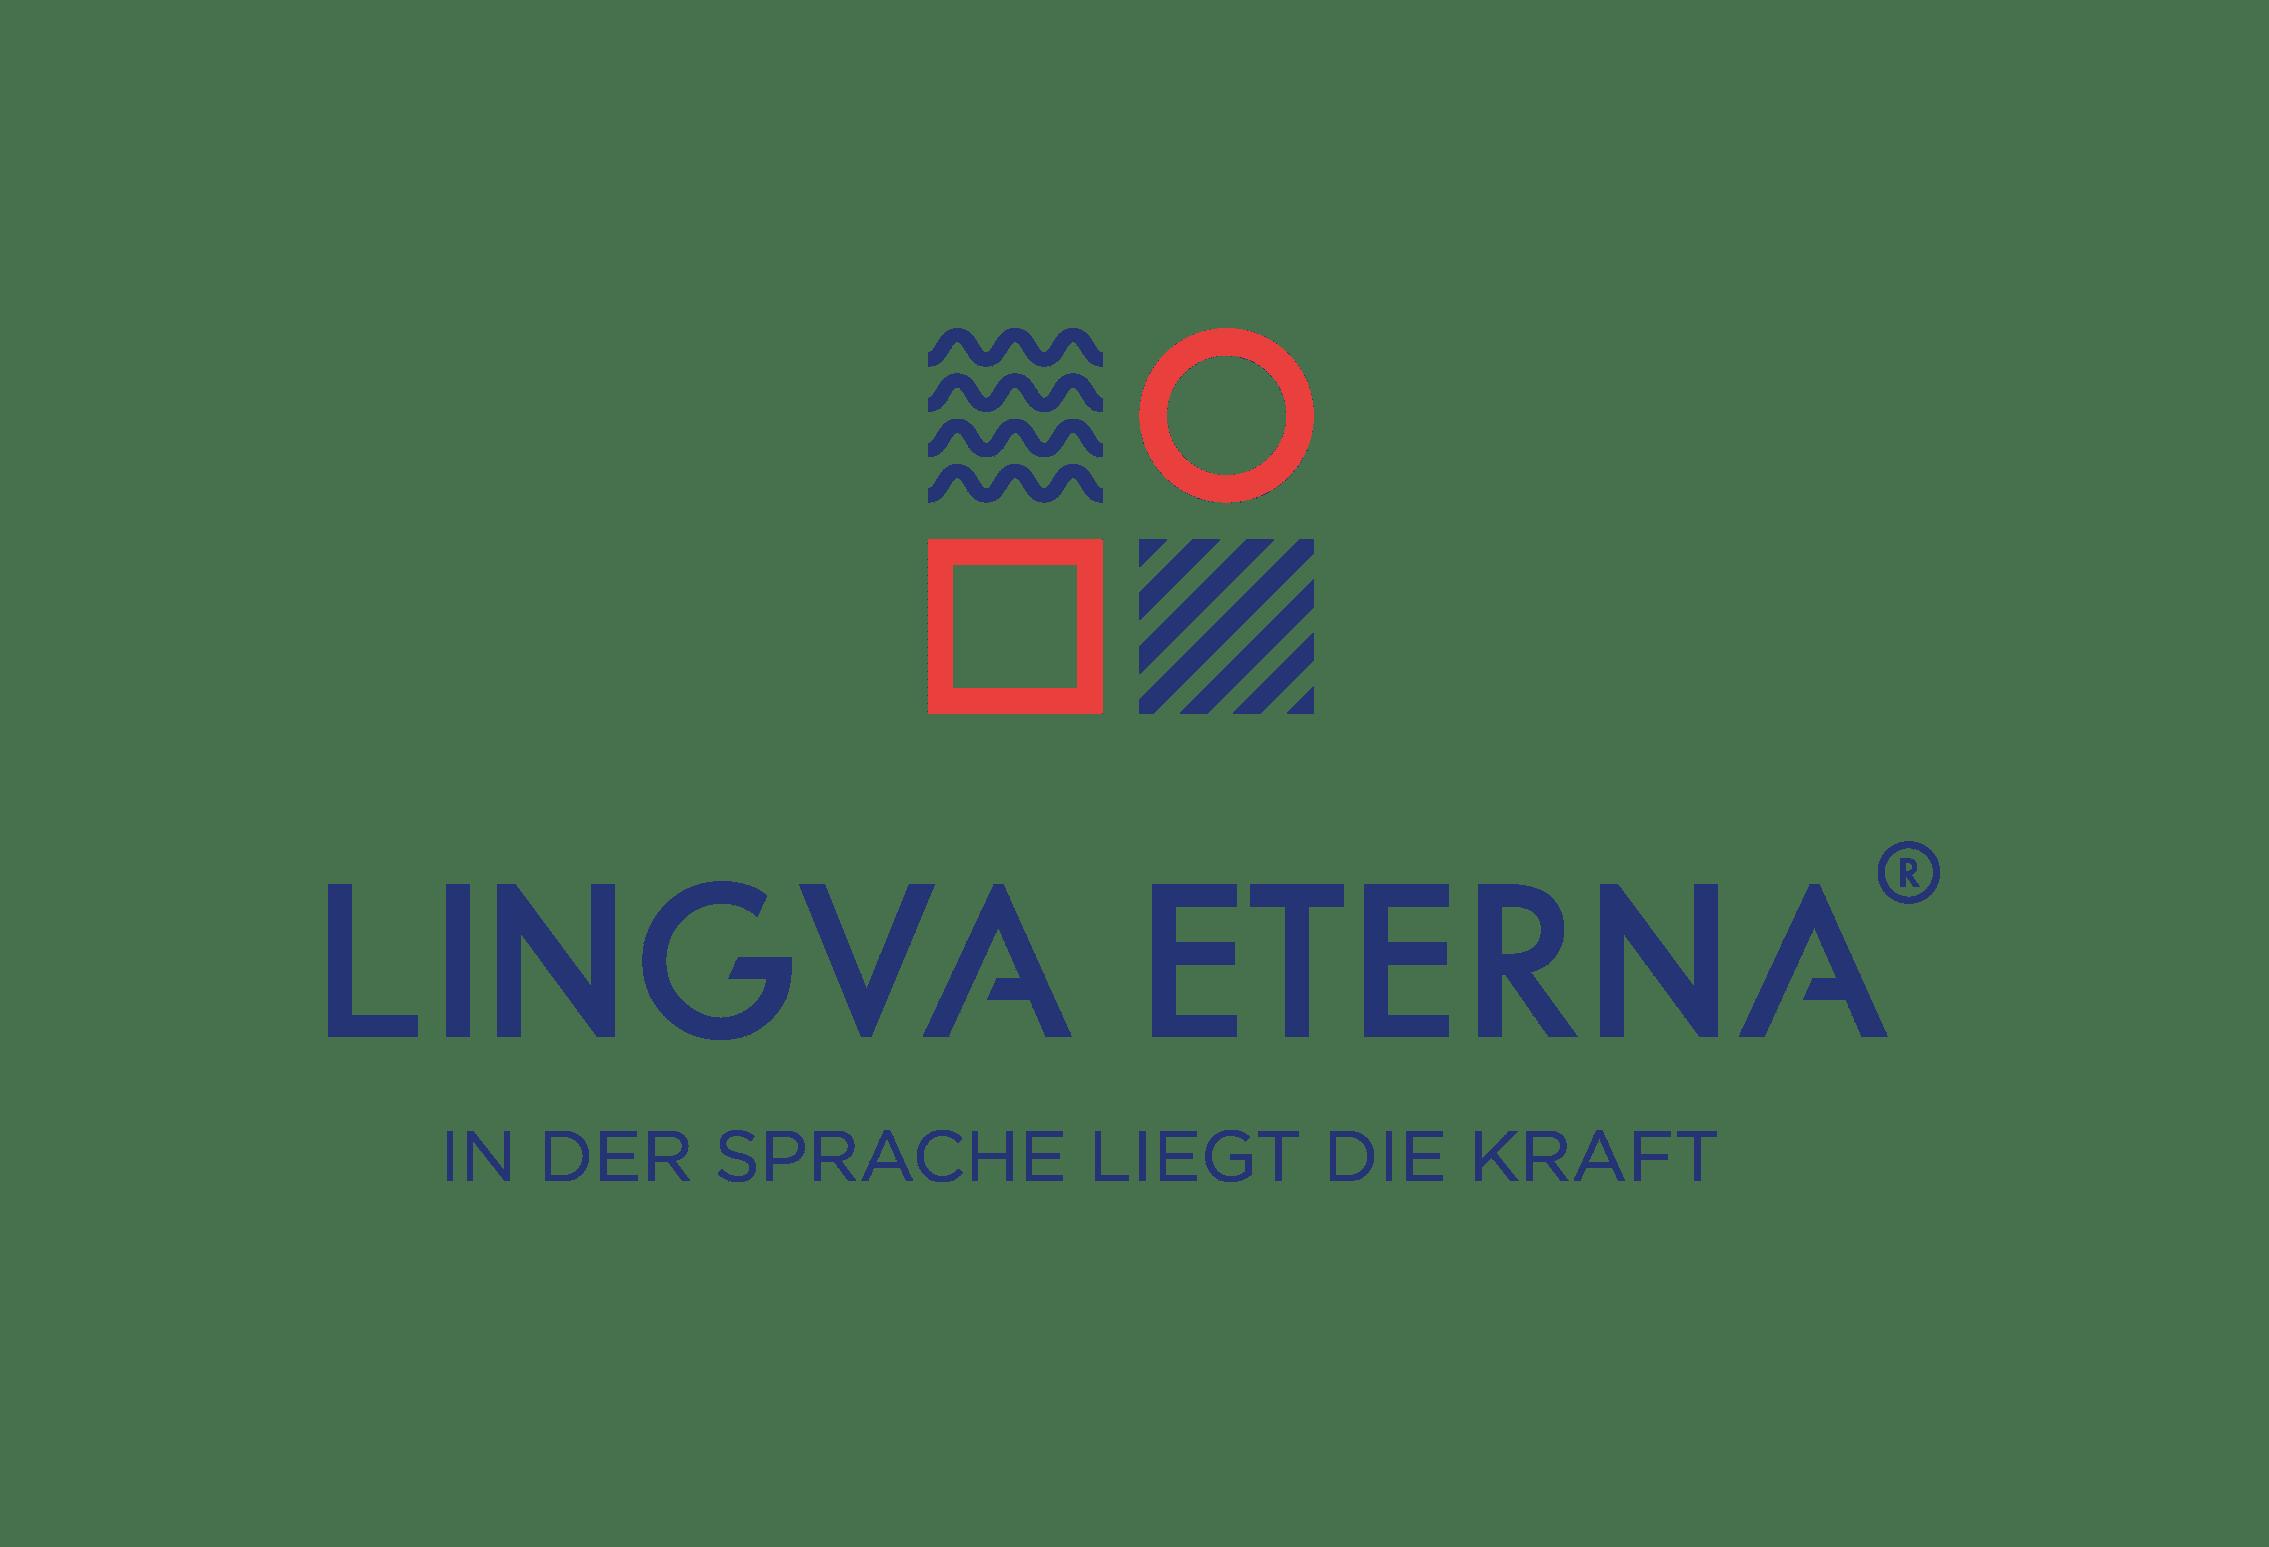 Lingva_Eterna_Logo_Claim_4c